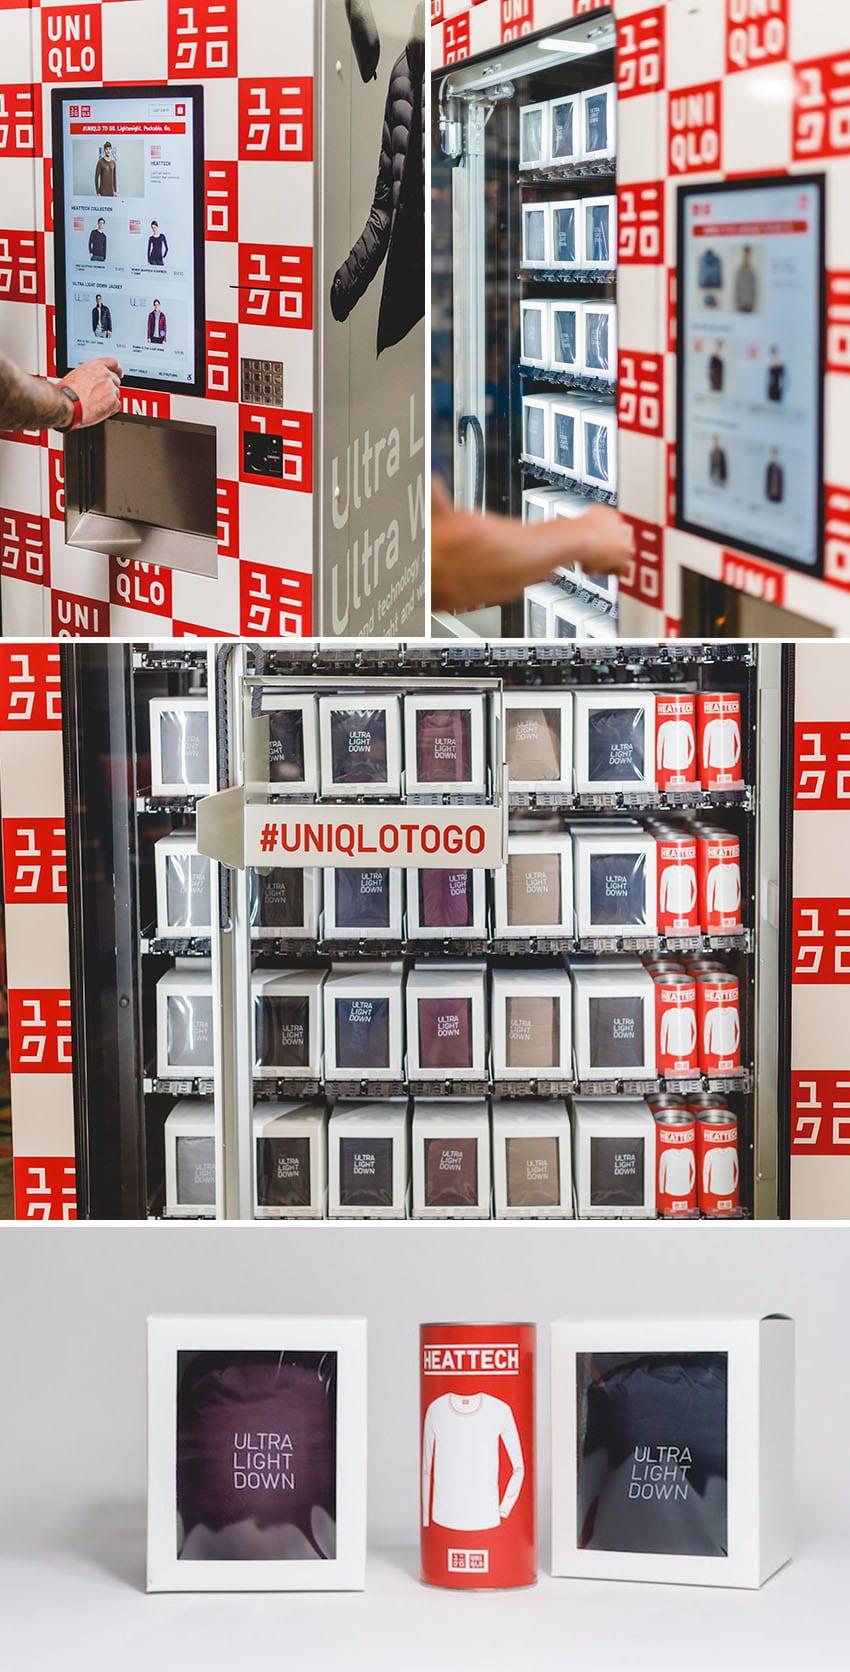 """Novo significado para o termo """"fast fashion"""" : Uniqlo lança máquinas de venda automática de roupas stylo urbano"""